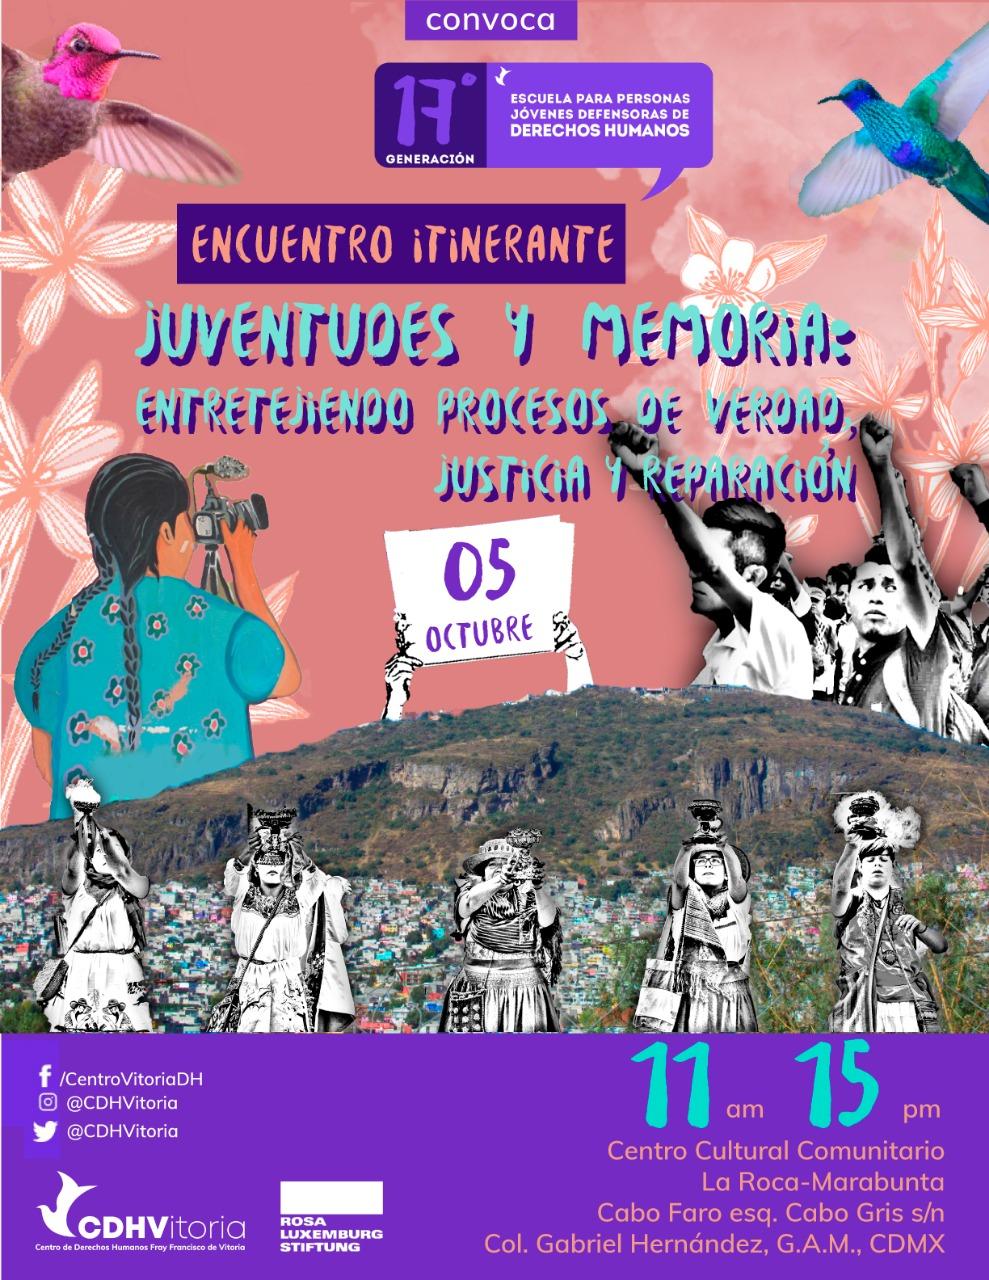 Encuentro Itinerante | Juventudes y Memoria: Entretejiendo Procesos de Verdad, Justicia y Reparación.